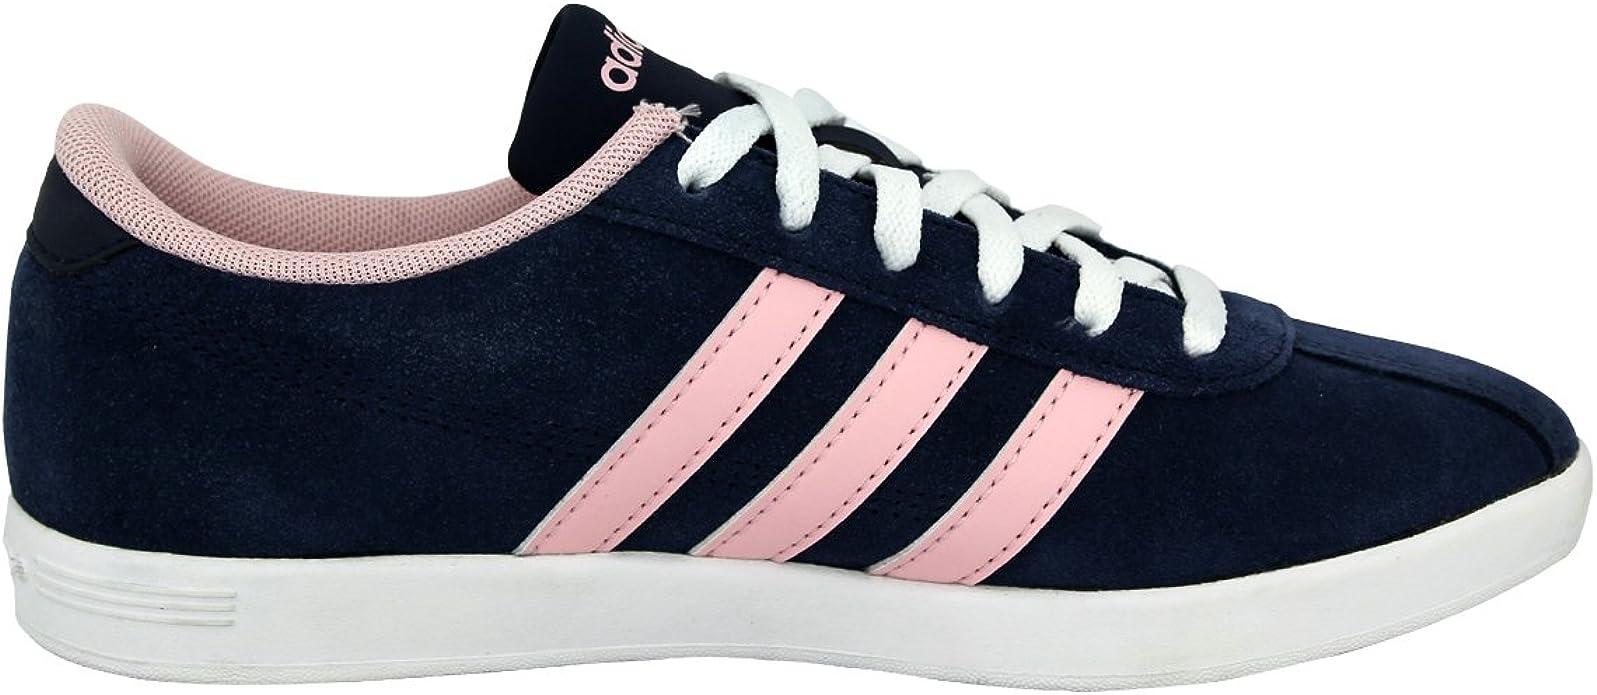 تجريبي يطالب قابلة للمقارنة adidas chaussure femme neo blanche et ...